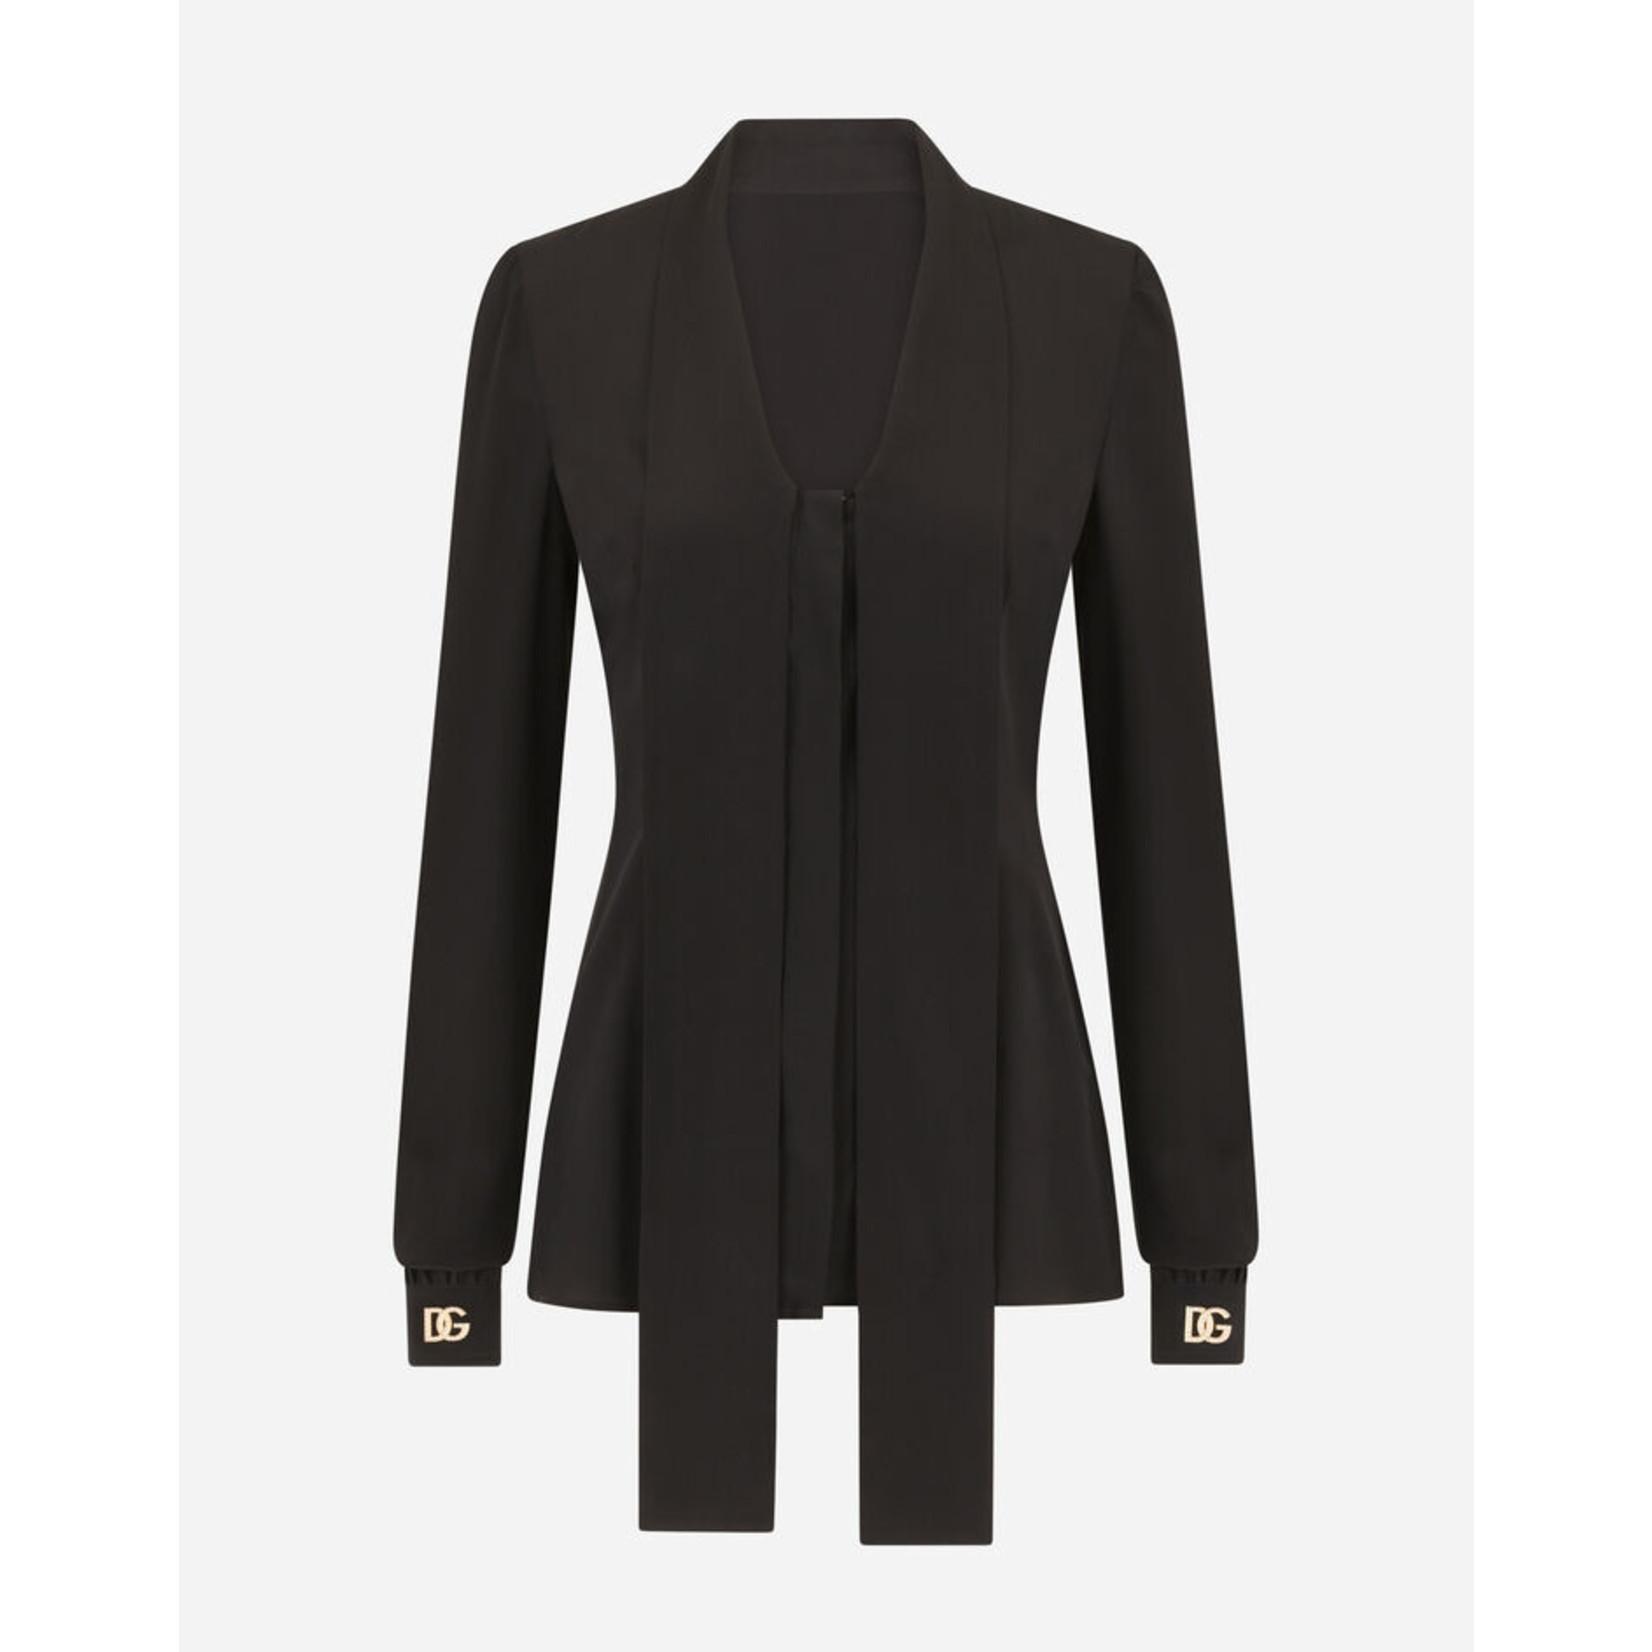 Dolce&Gabbana Hemd 42954